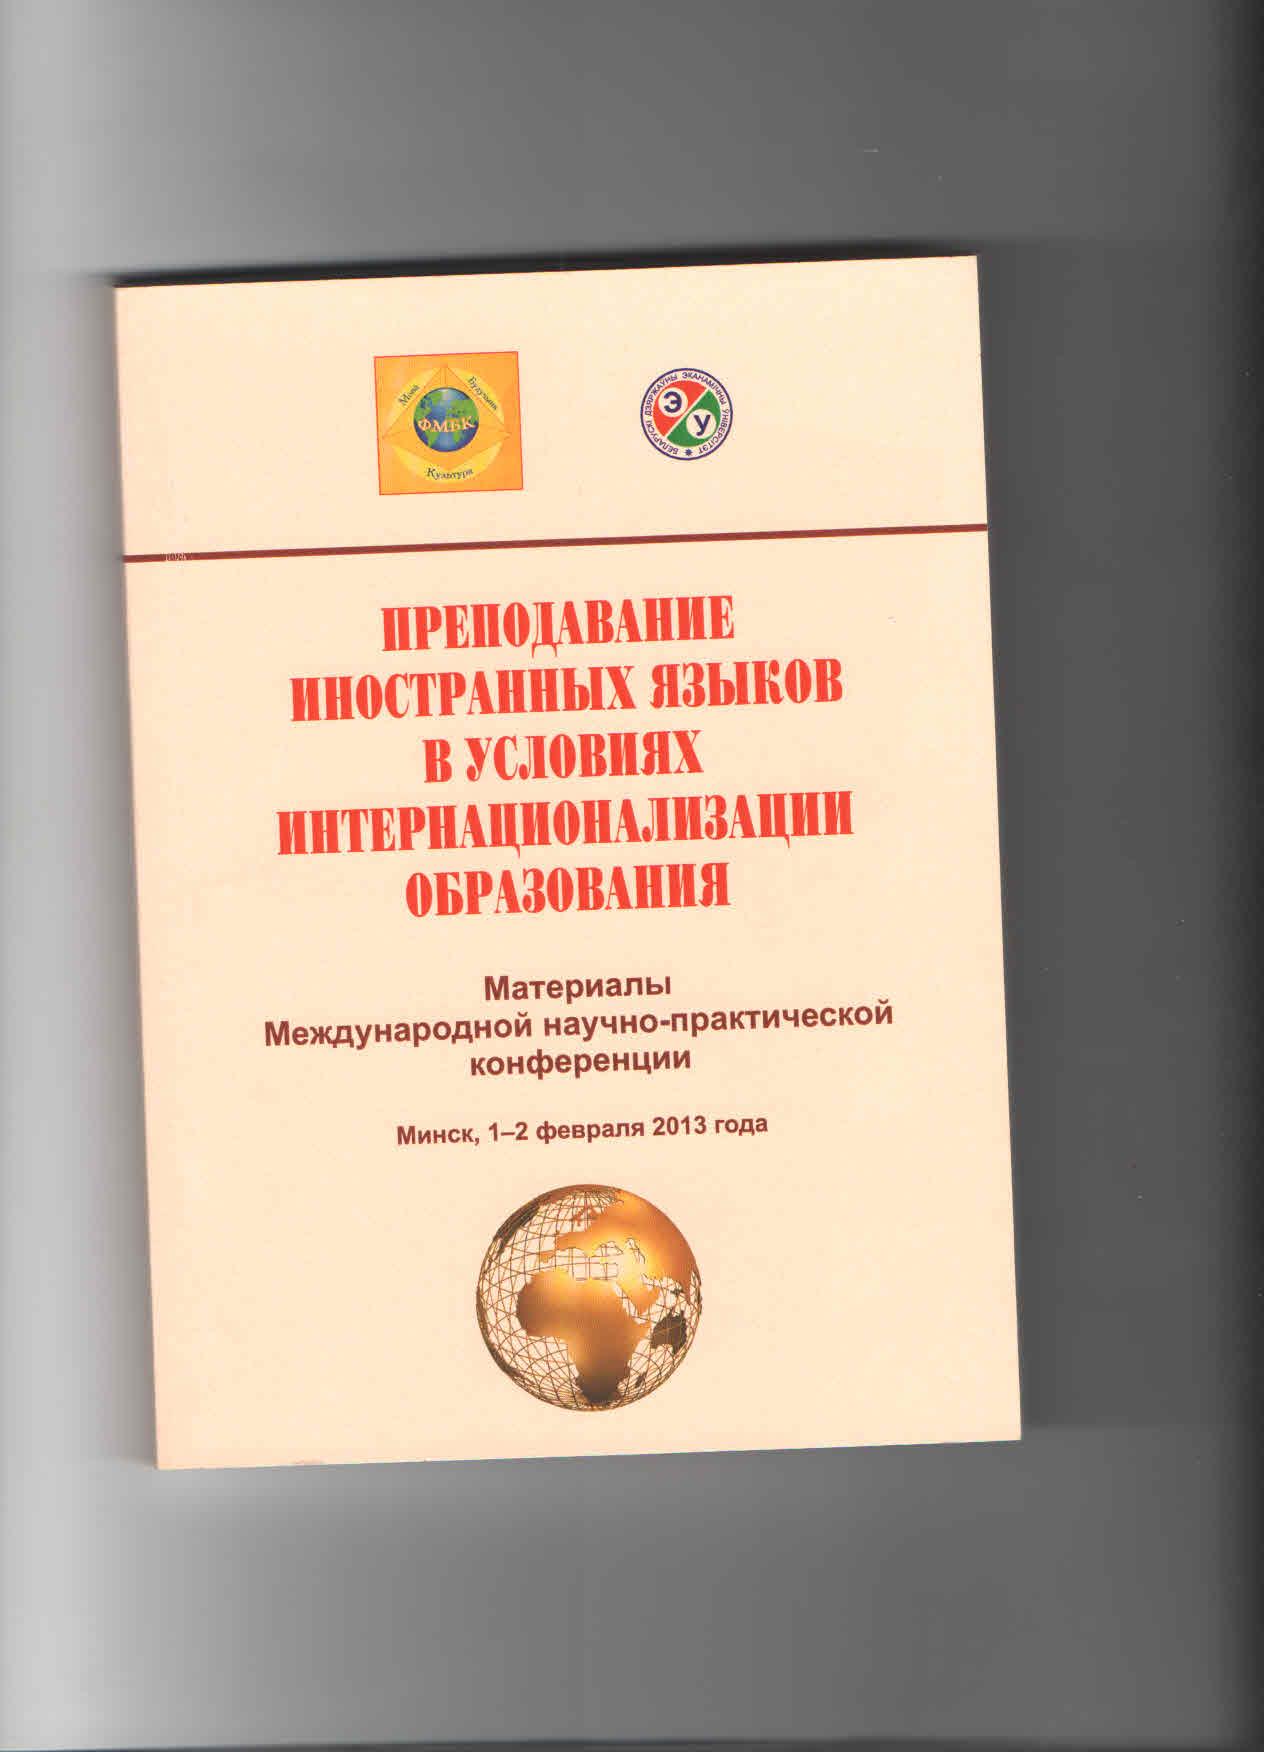 Преподавание иностранных языков в условиях интернационализации образования: материалы международной научно-практической конференции (Минск, 1-2 февраля 2013 года)